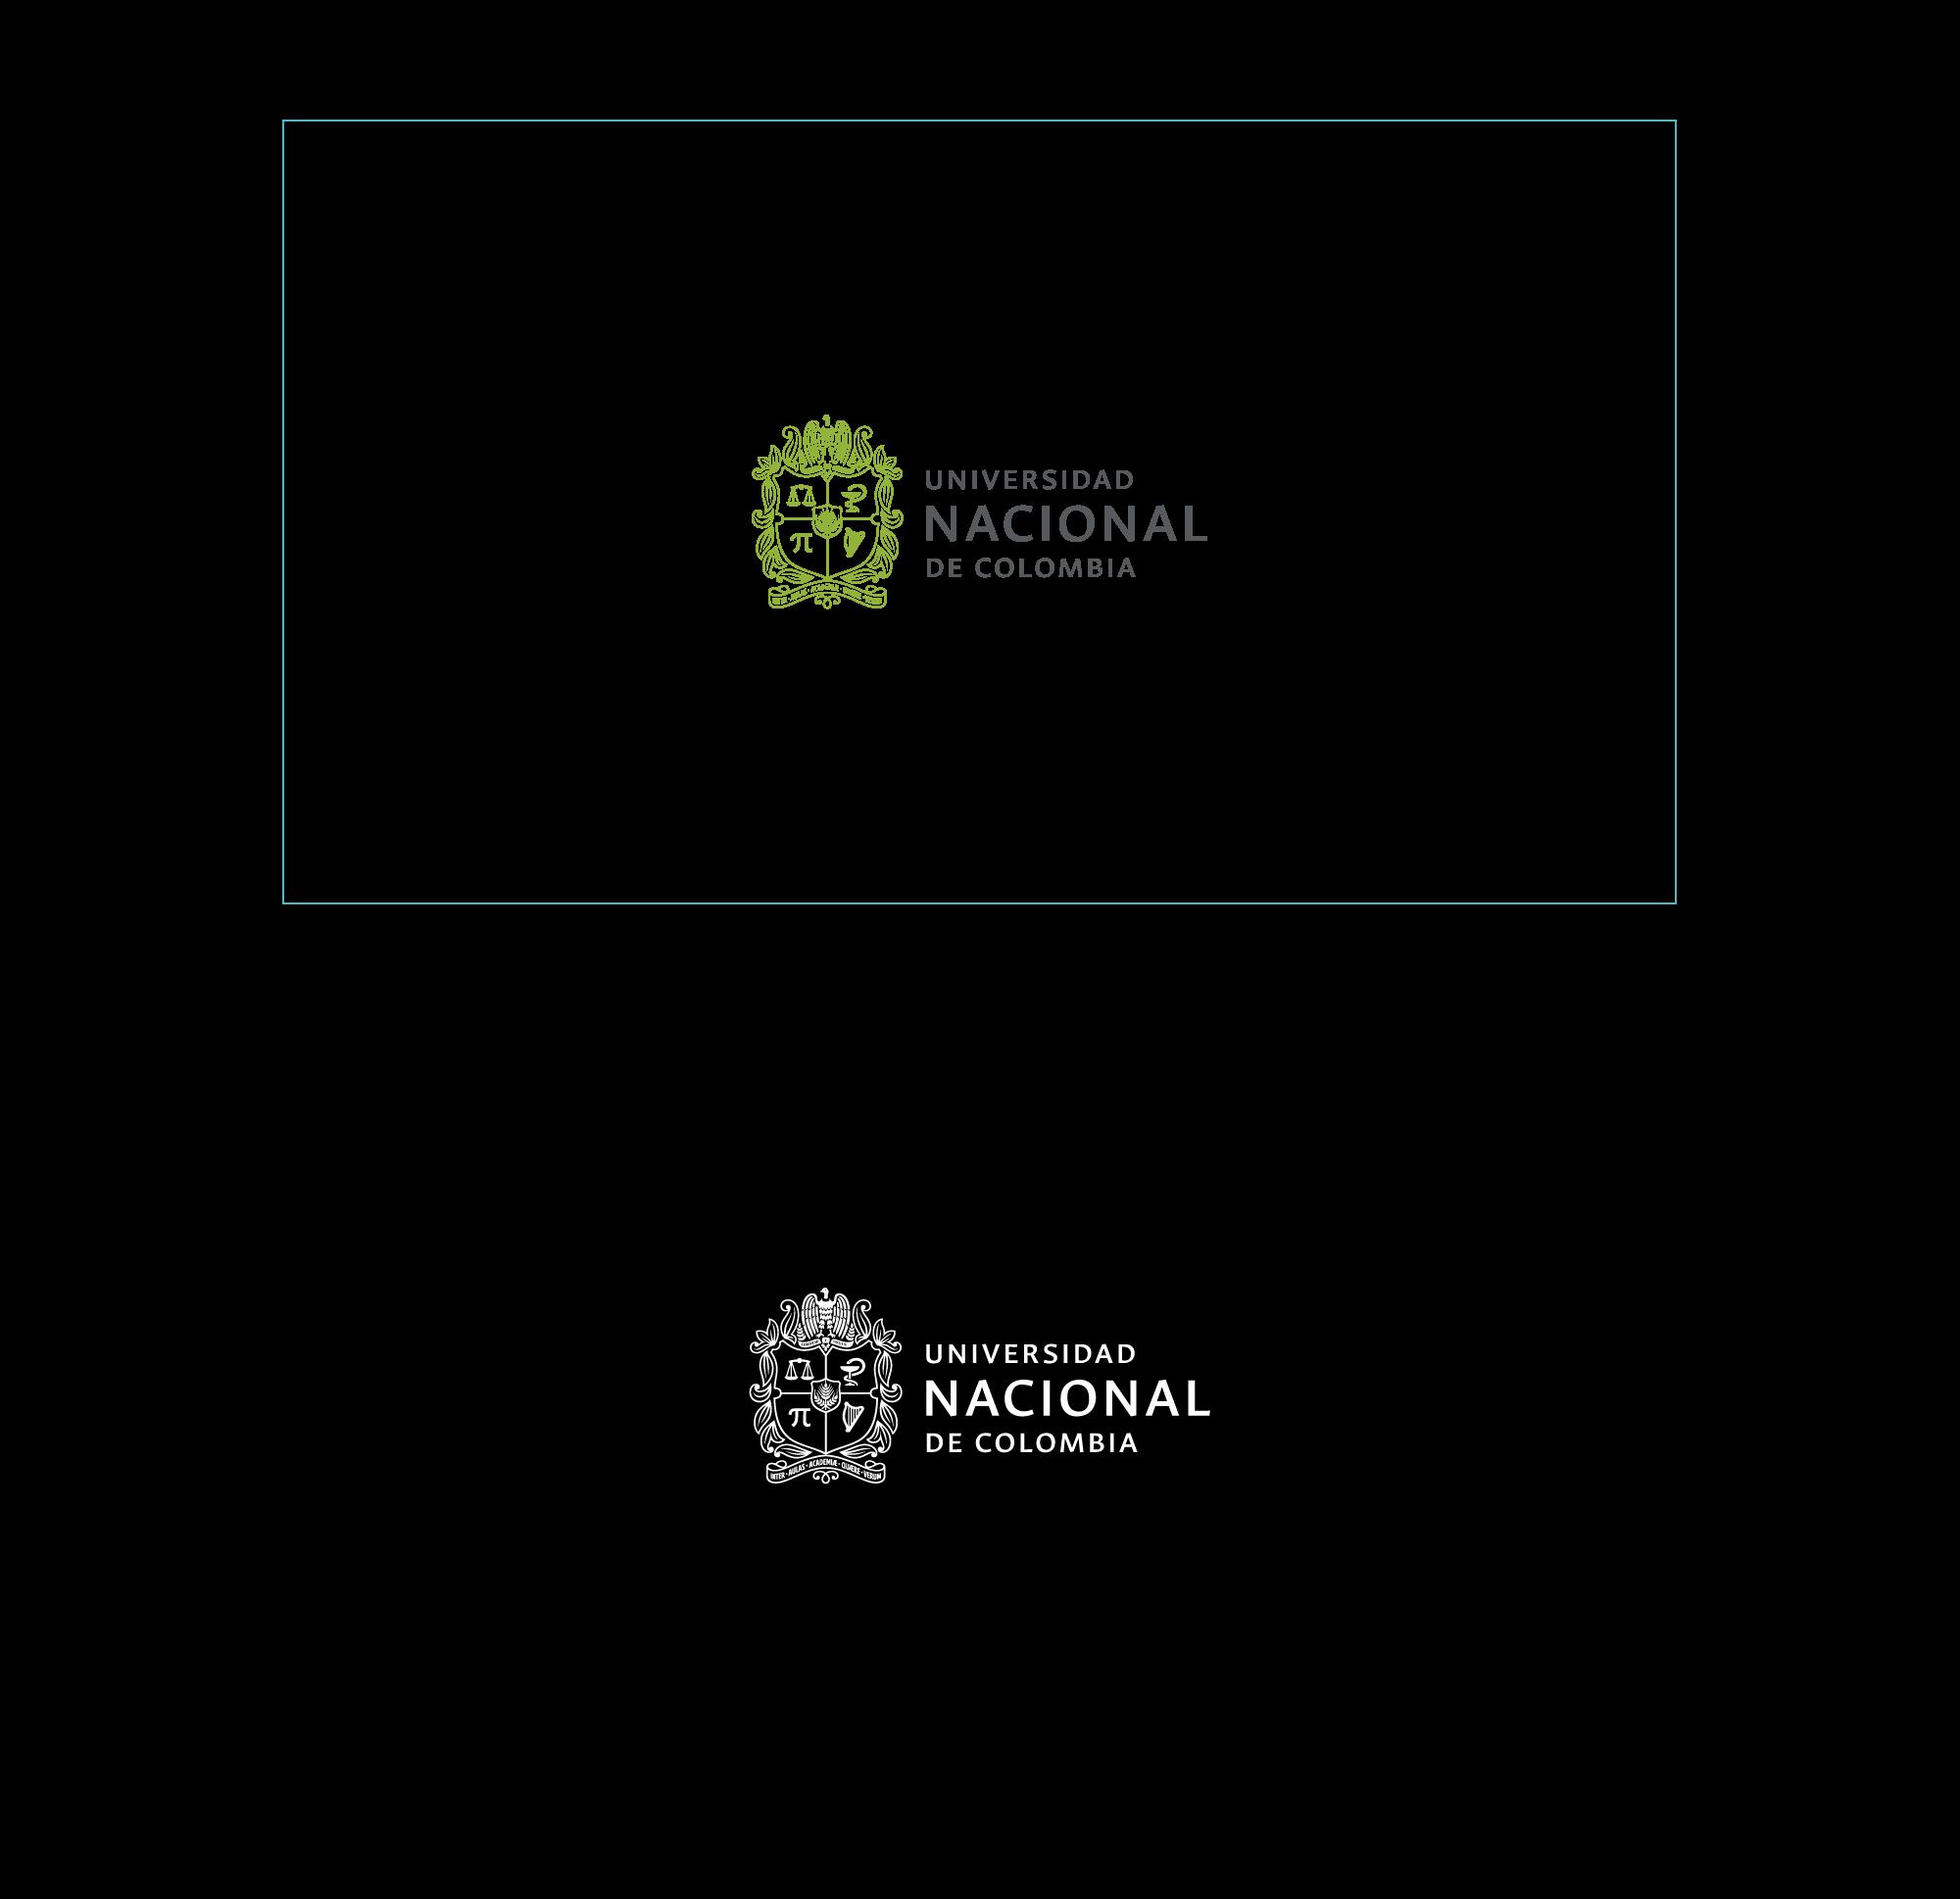 Aplicación del logosímbolo para el inicio o intro en video y multimedia Duración mínima de 4 seg